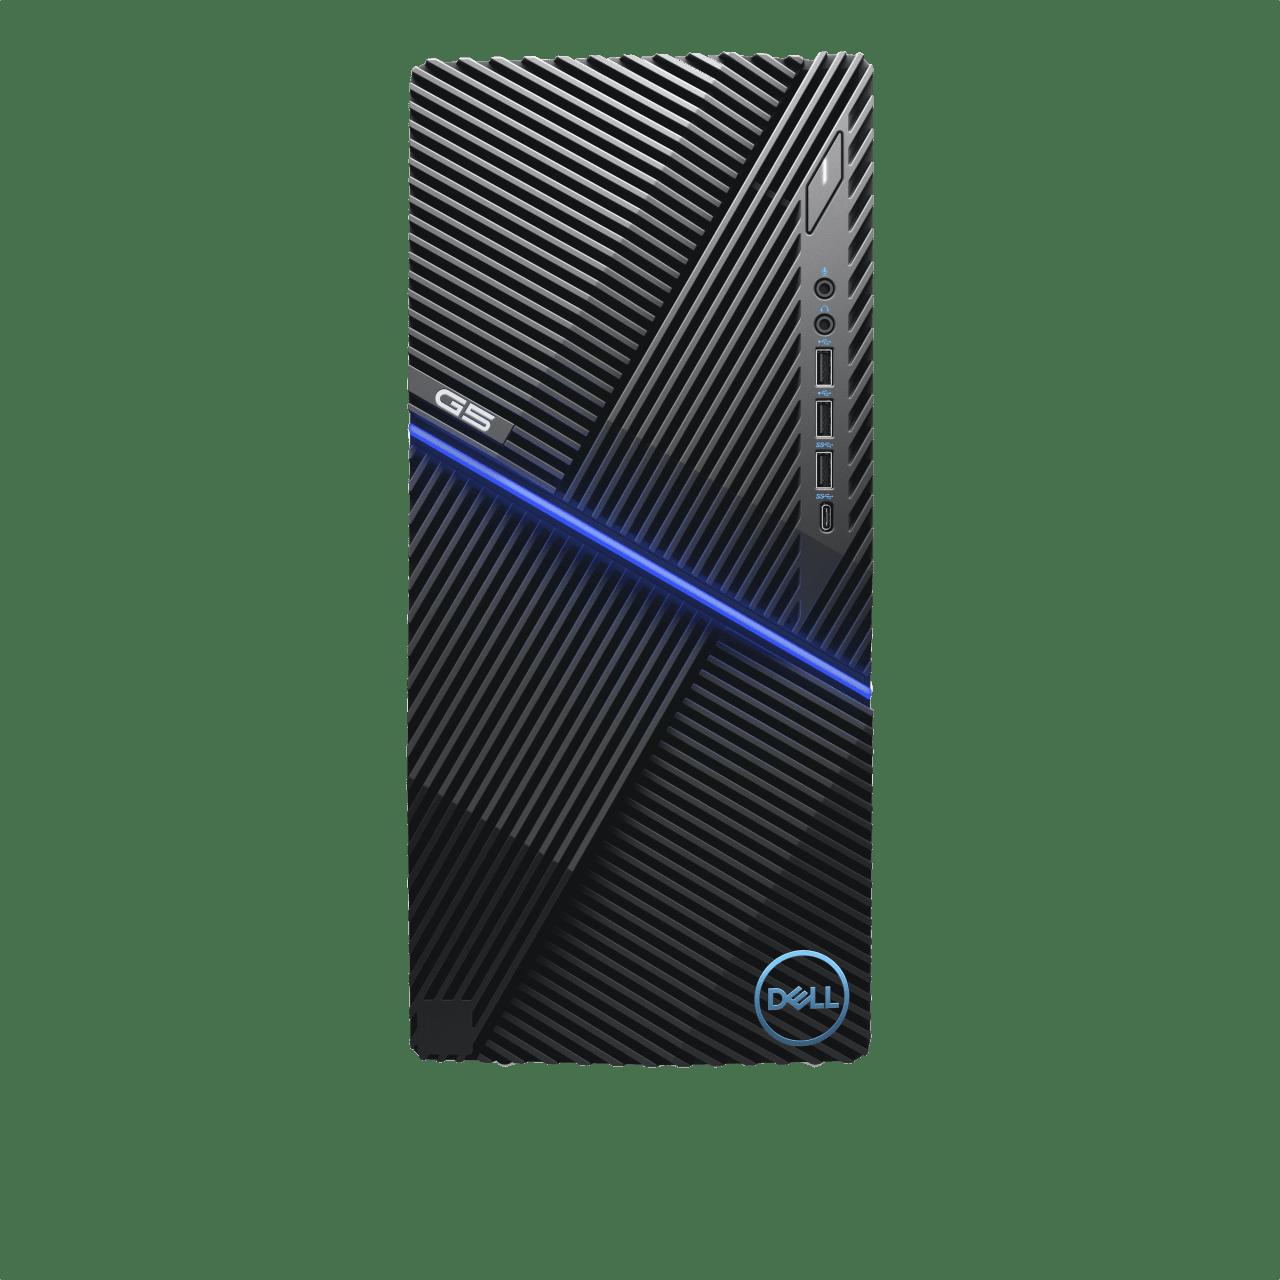 Schwarz Dell G5 Tower 5090.1